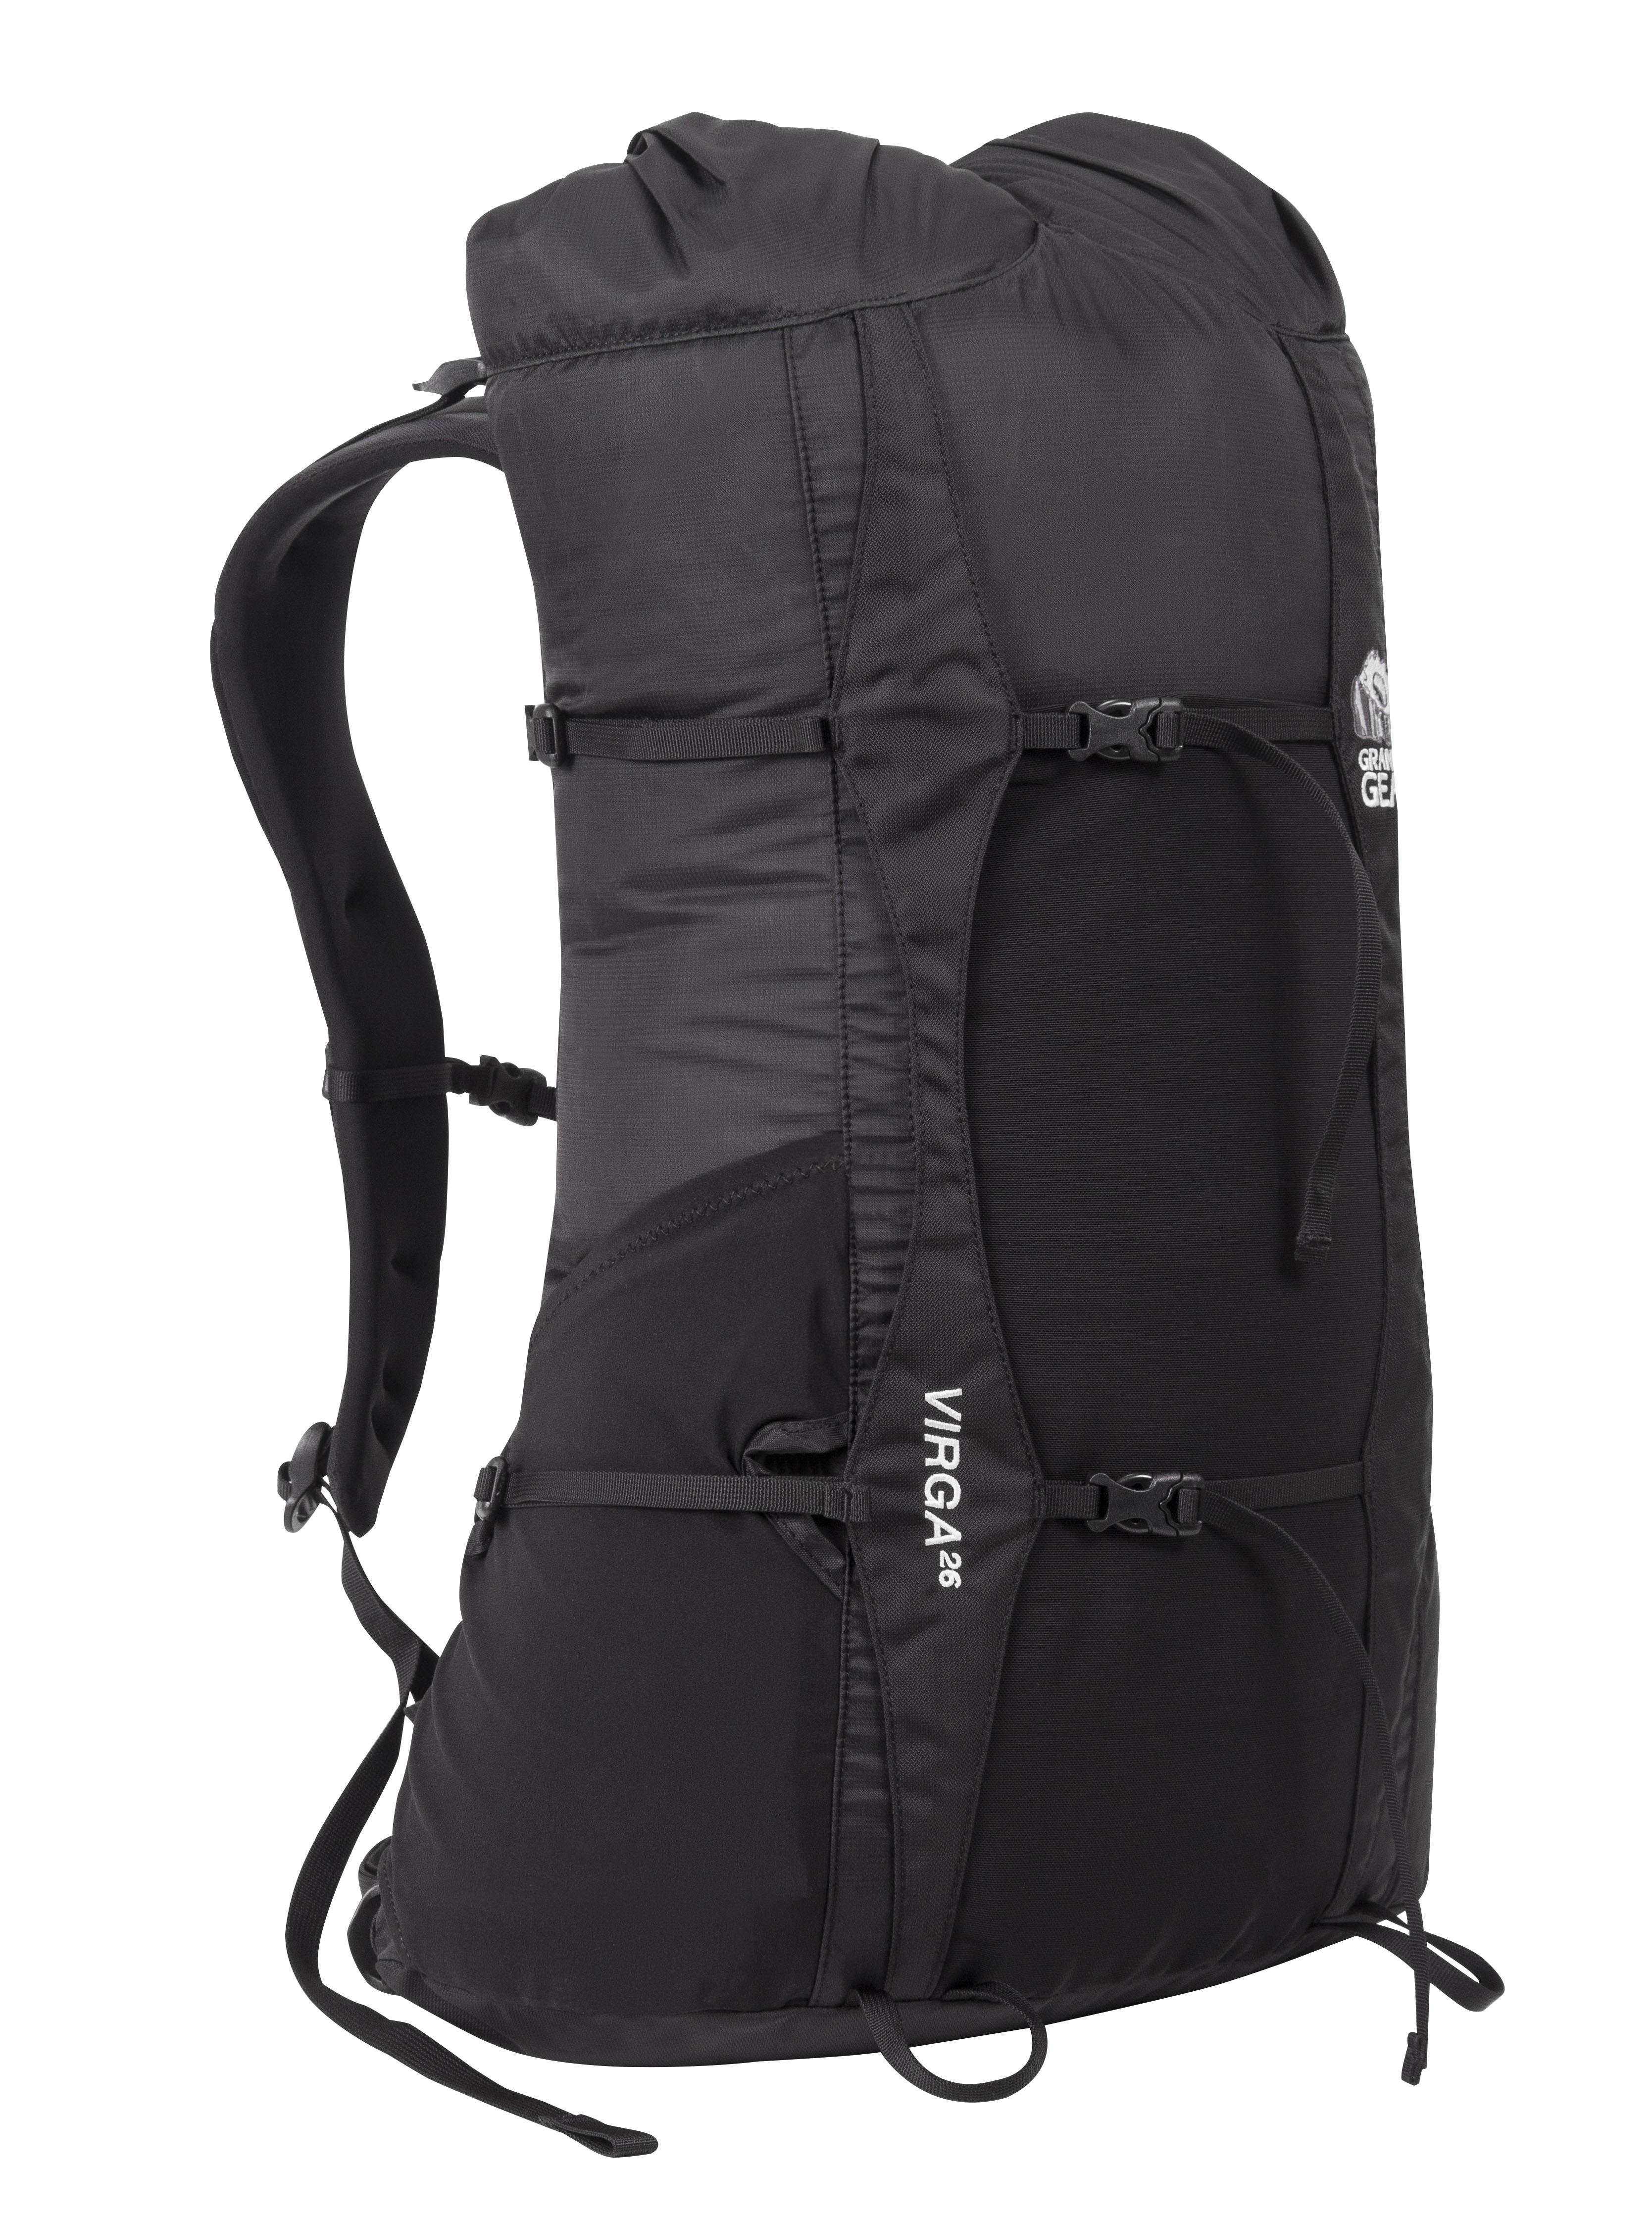 Granite Gear Virga 26 Backpack 1cba1a5c009fc